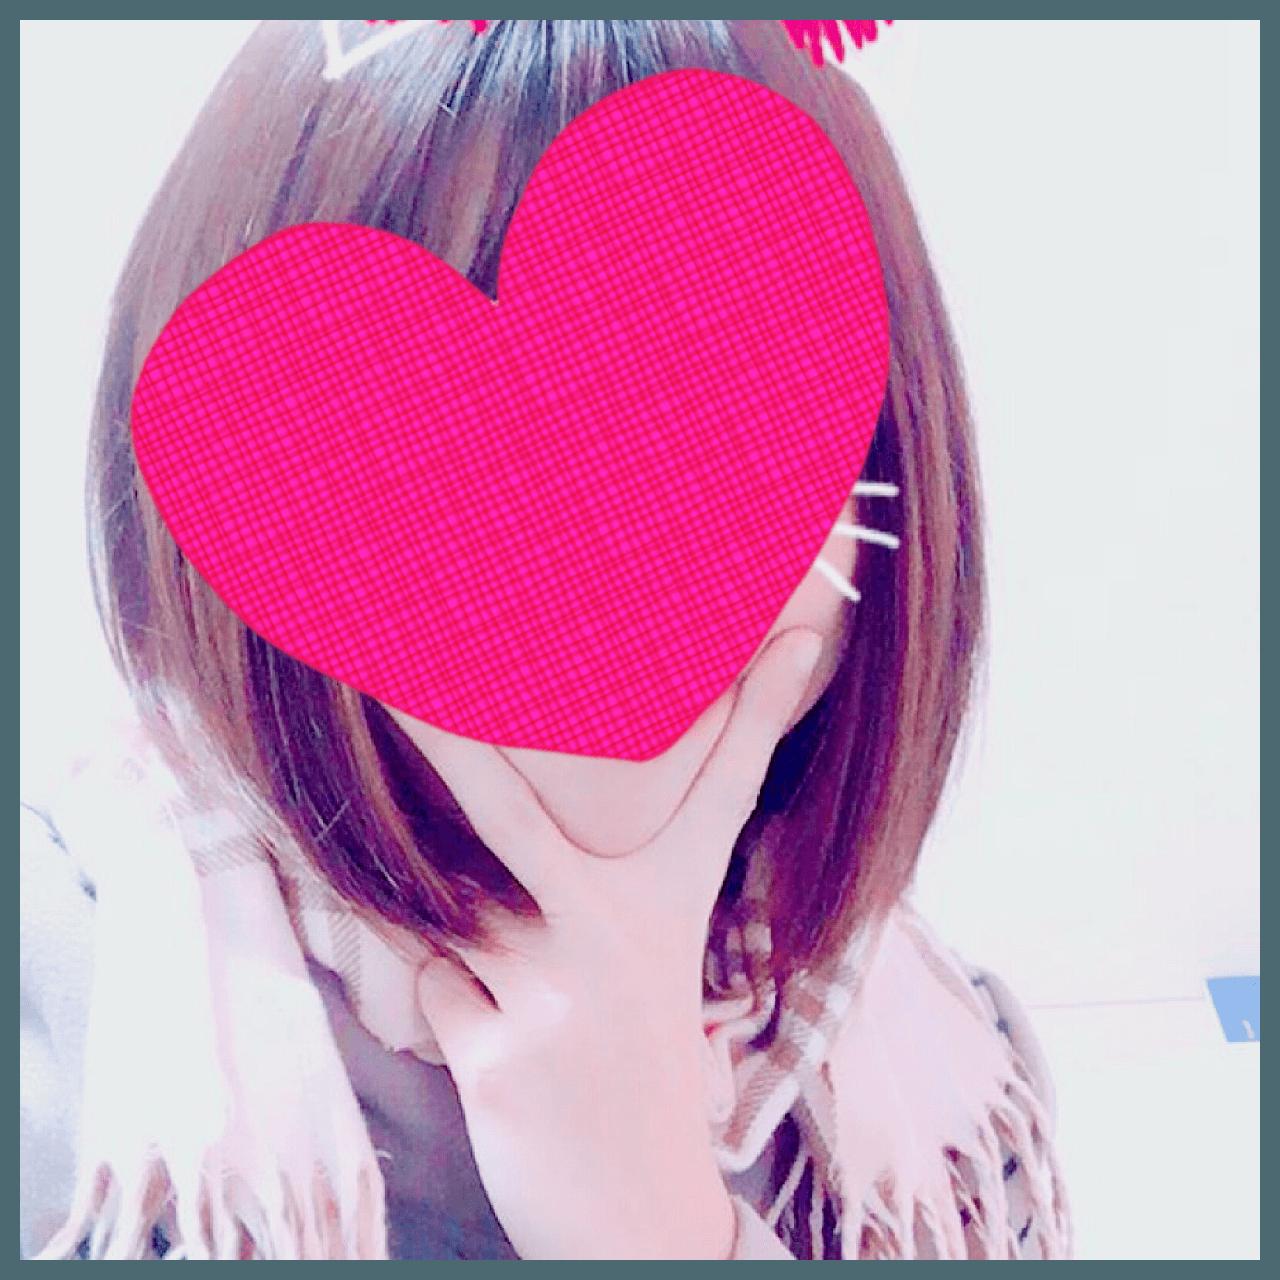 倉木ゆうか ~YUKA~「20じから」12/15(金) 22:05   倉木ゆうか ~YUKA~の写メ・風俗動画